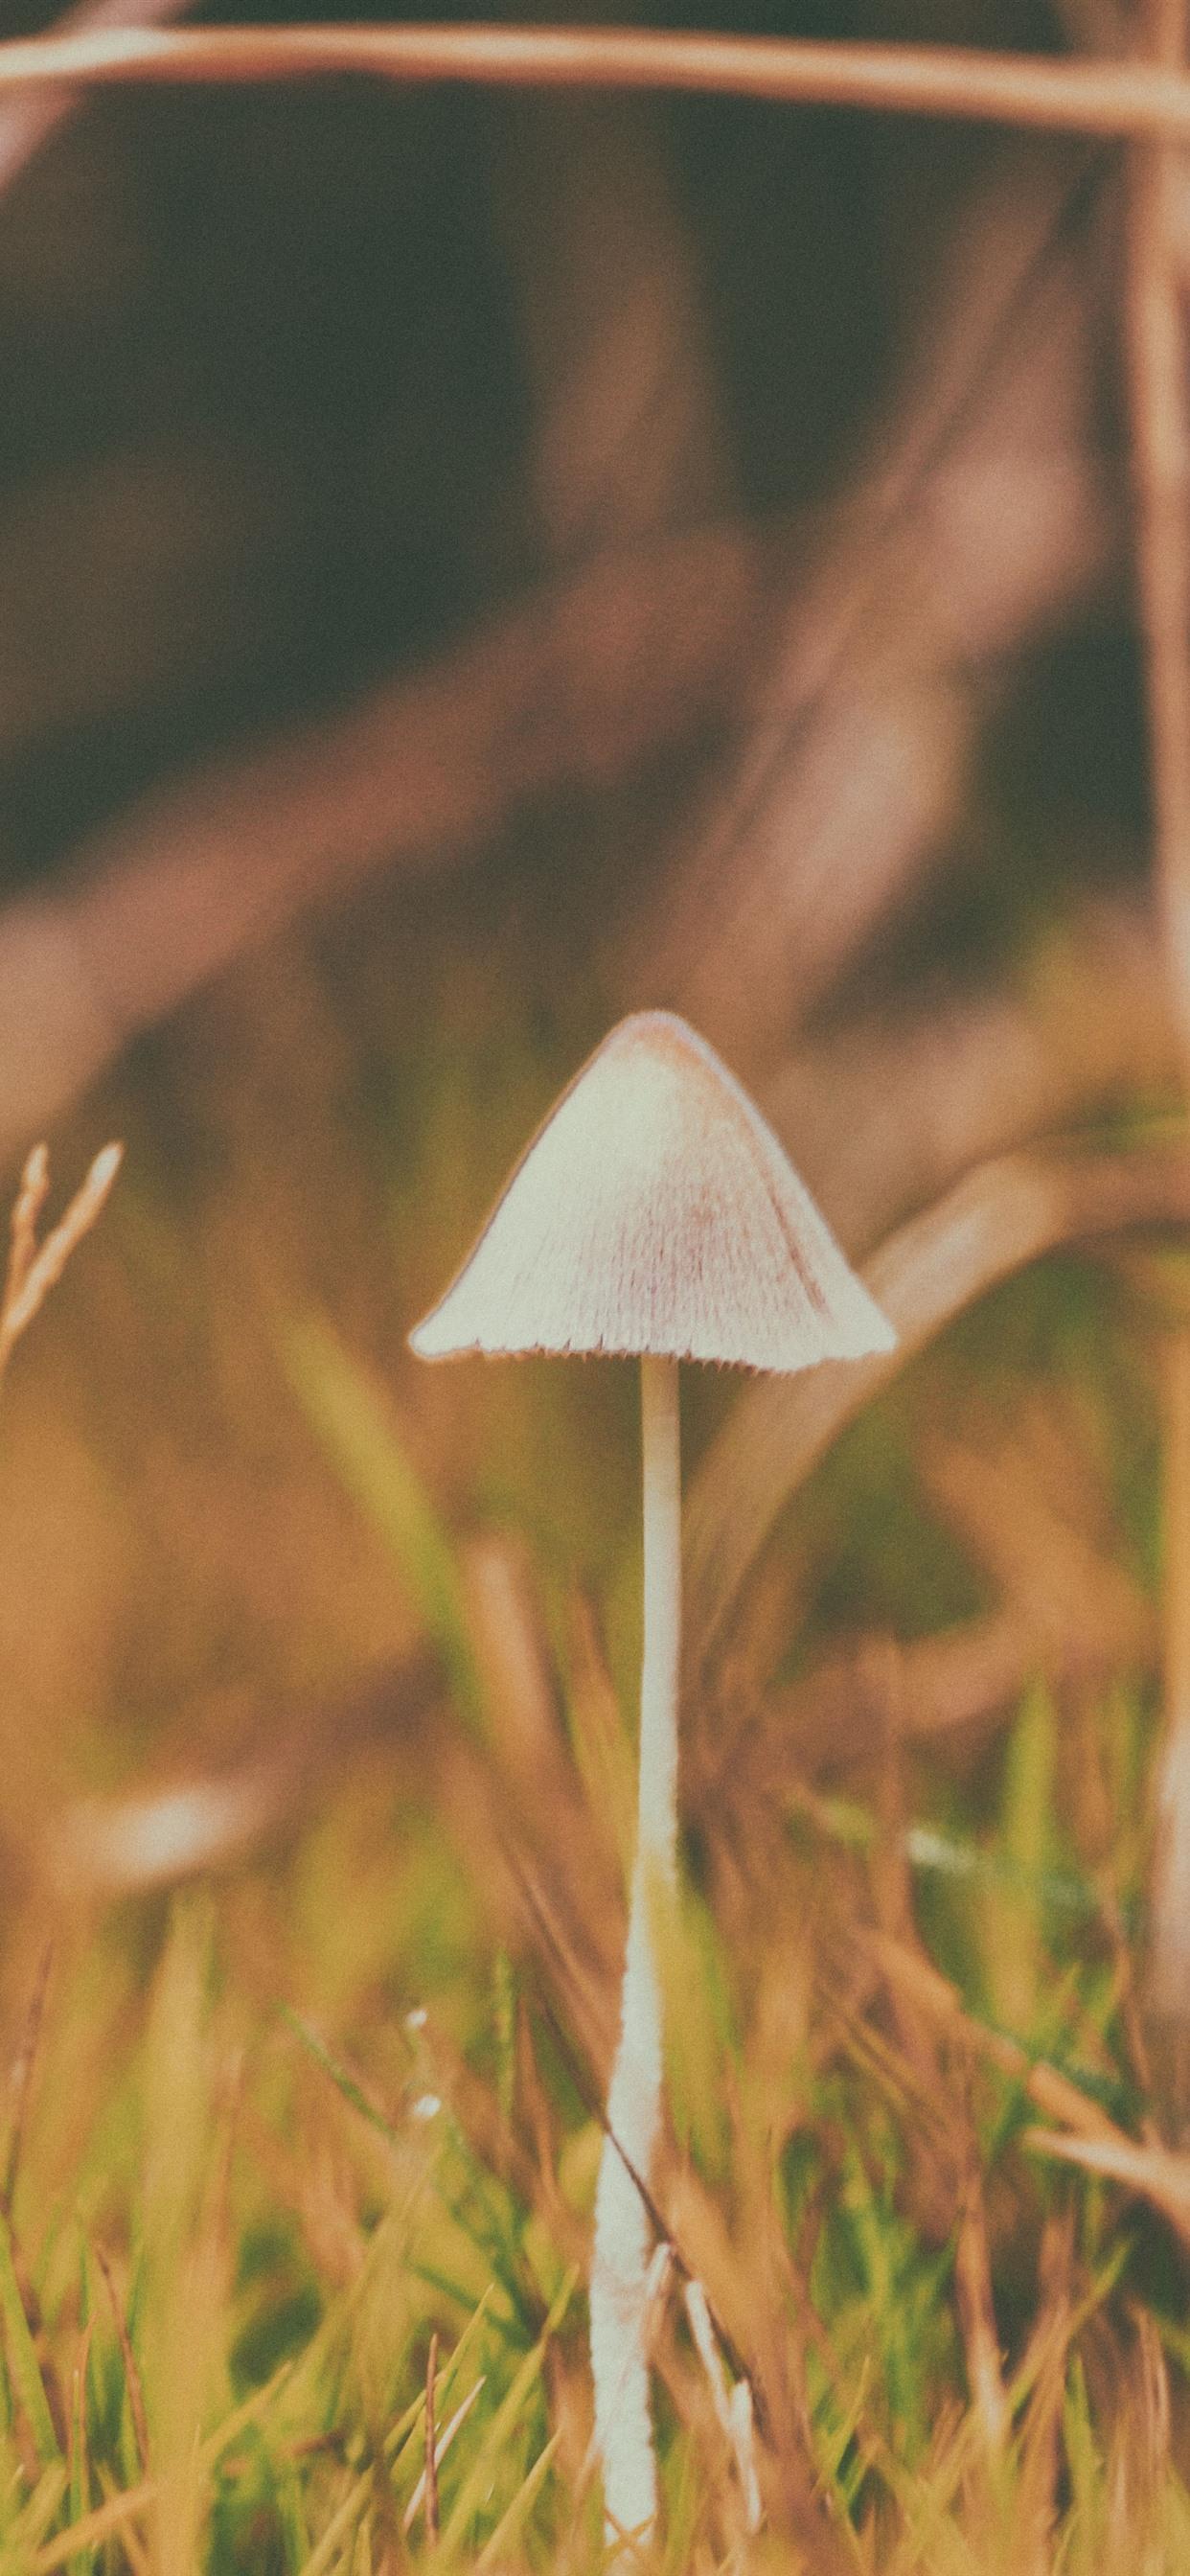 White Mushroom Yellow Grass 1242x2688 Iphone Xs Max